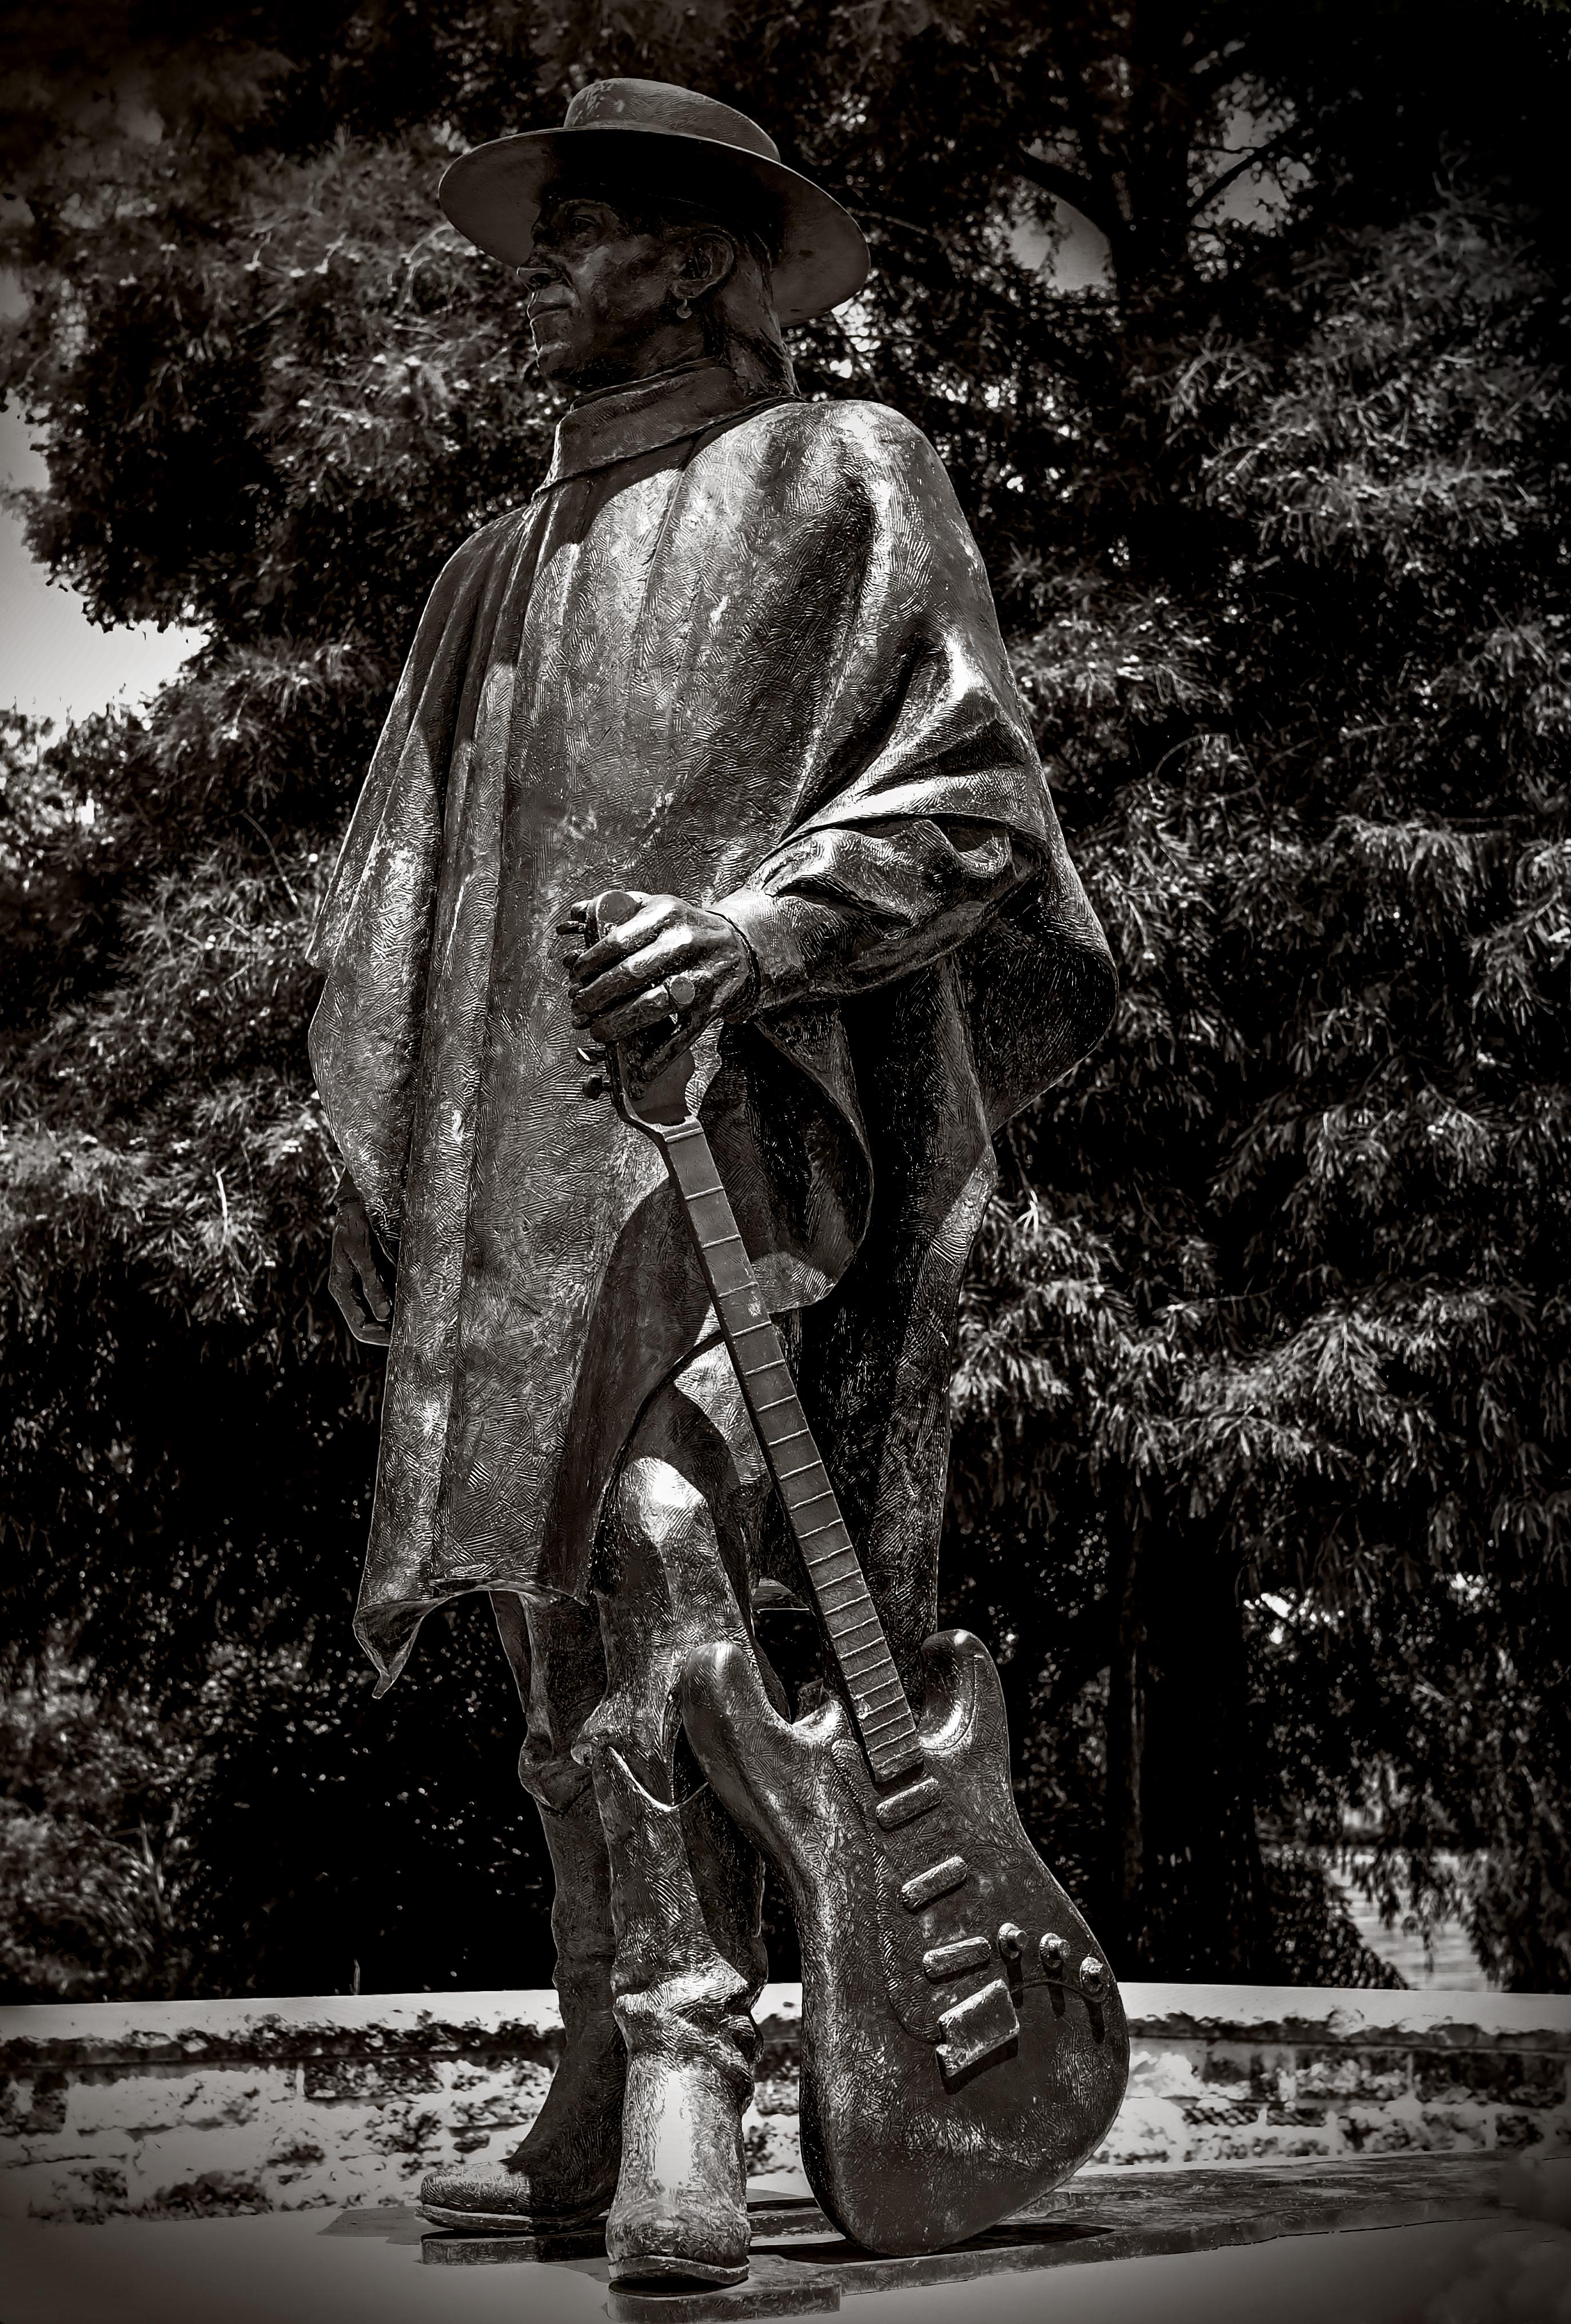 Stevie Ray Vaughan statue, Austin,Tx